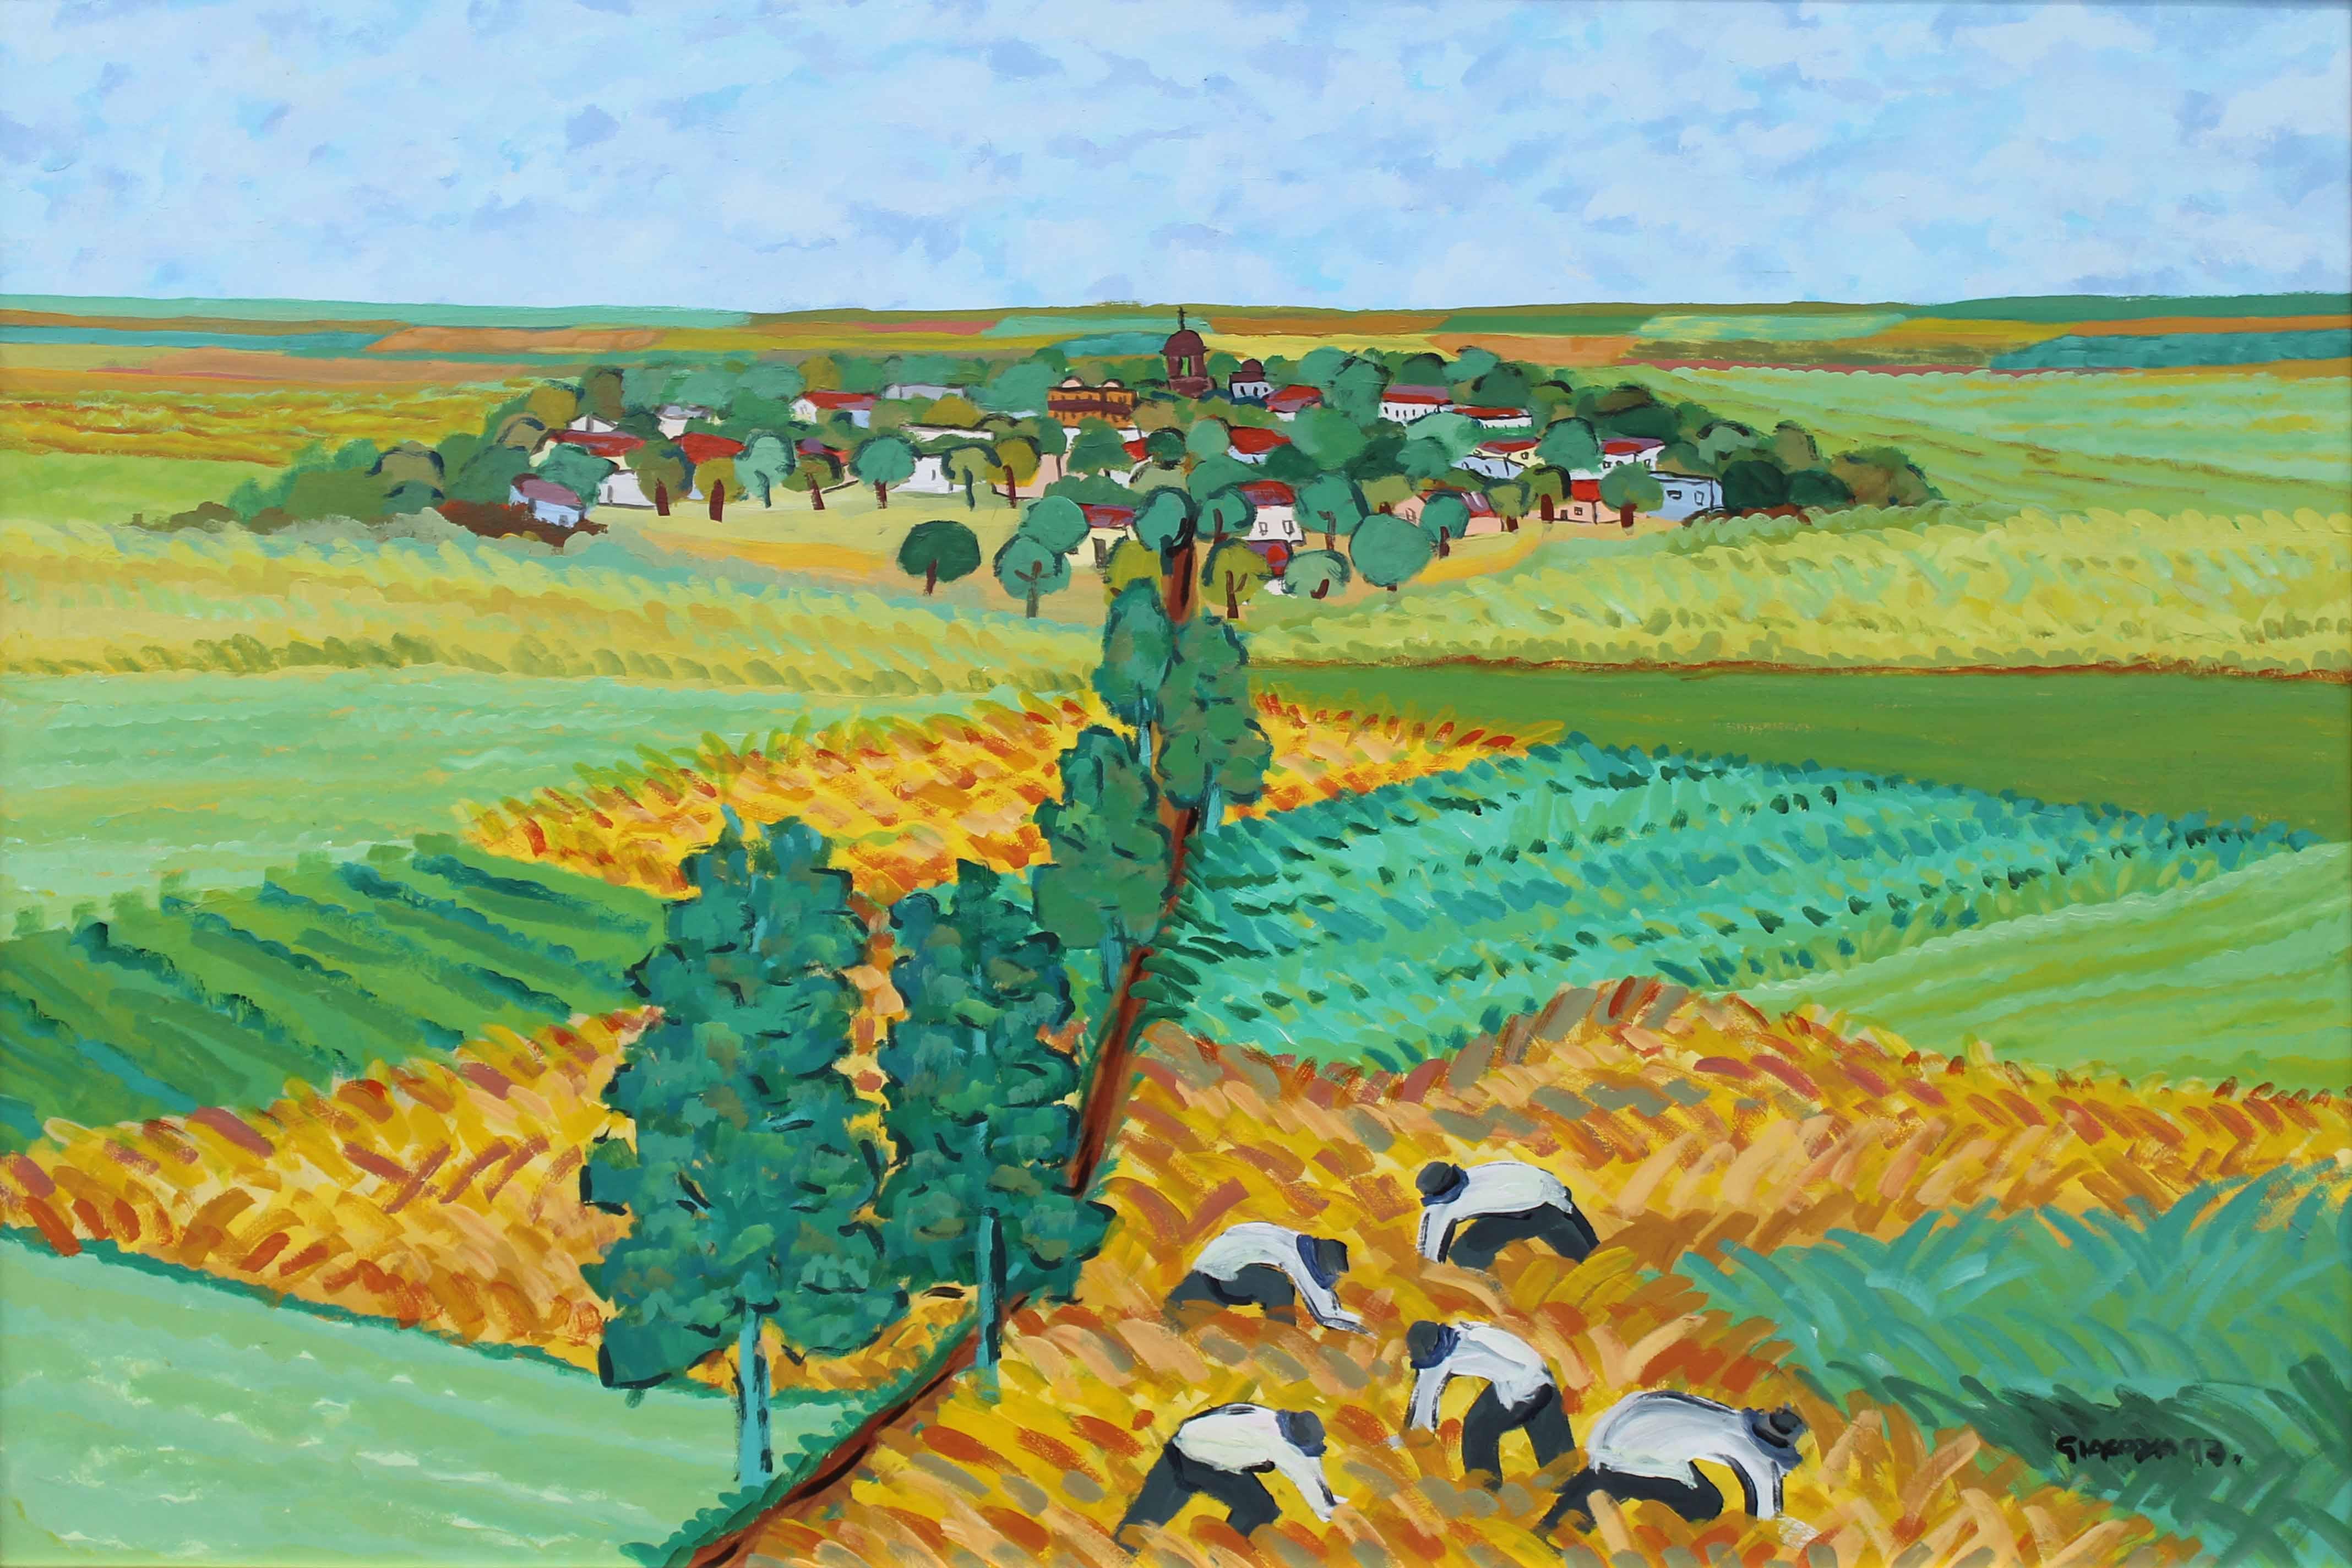 """MARIO GIACOYA (Nac. 1951) """"PAISAJE DE CAMPO CON COSECHADORES DE TRIGO Y PUEBLO"""" Oleo sobre tela; 100 x 132 cm. Firmado y fechado ´97 abajo a la derecha."""